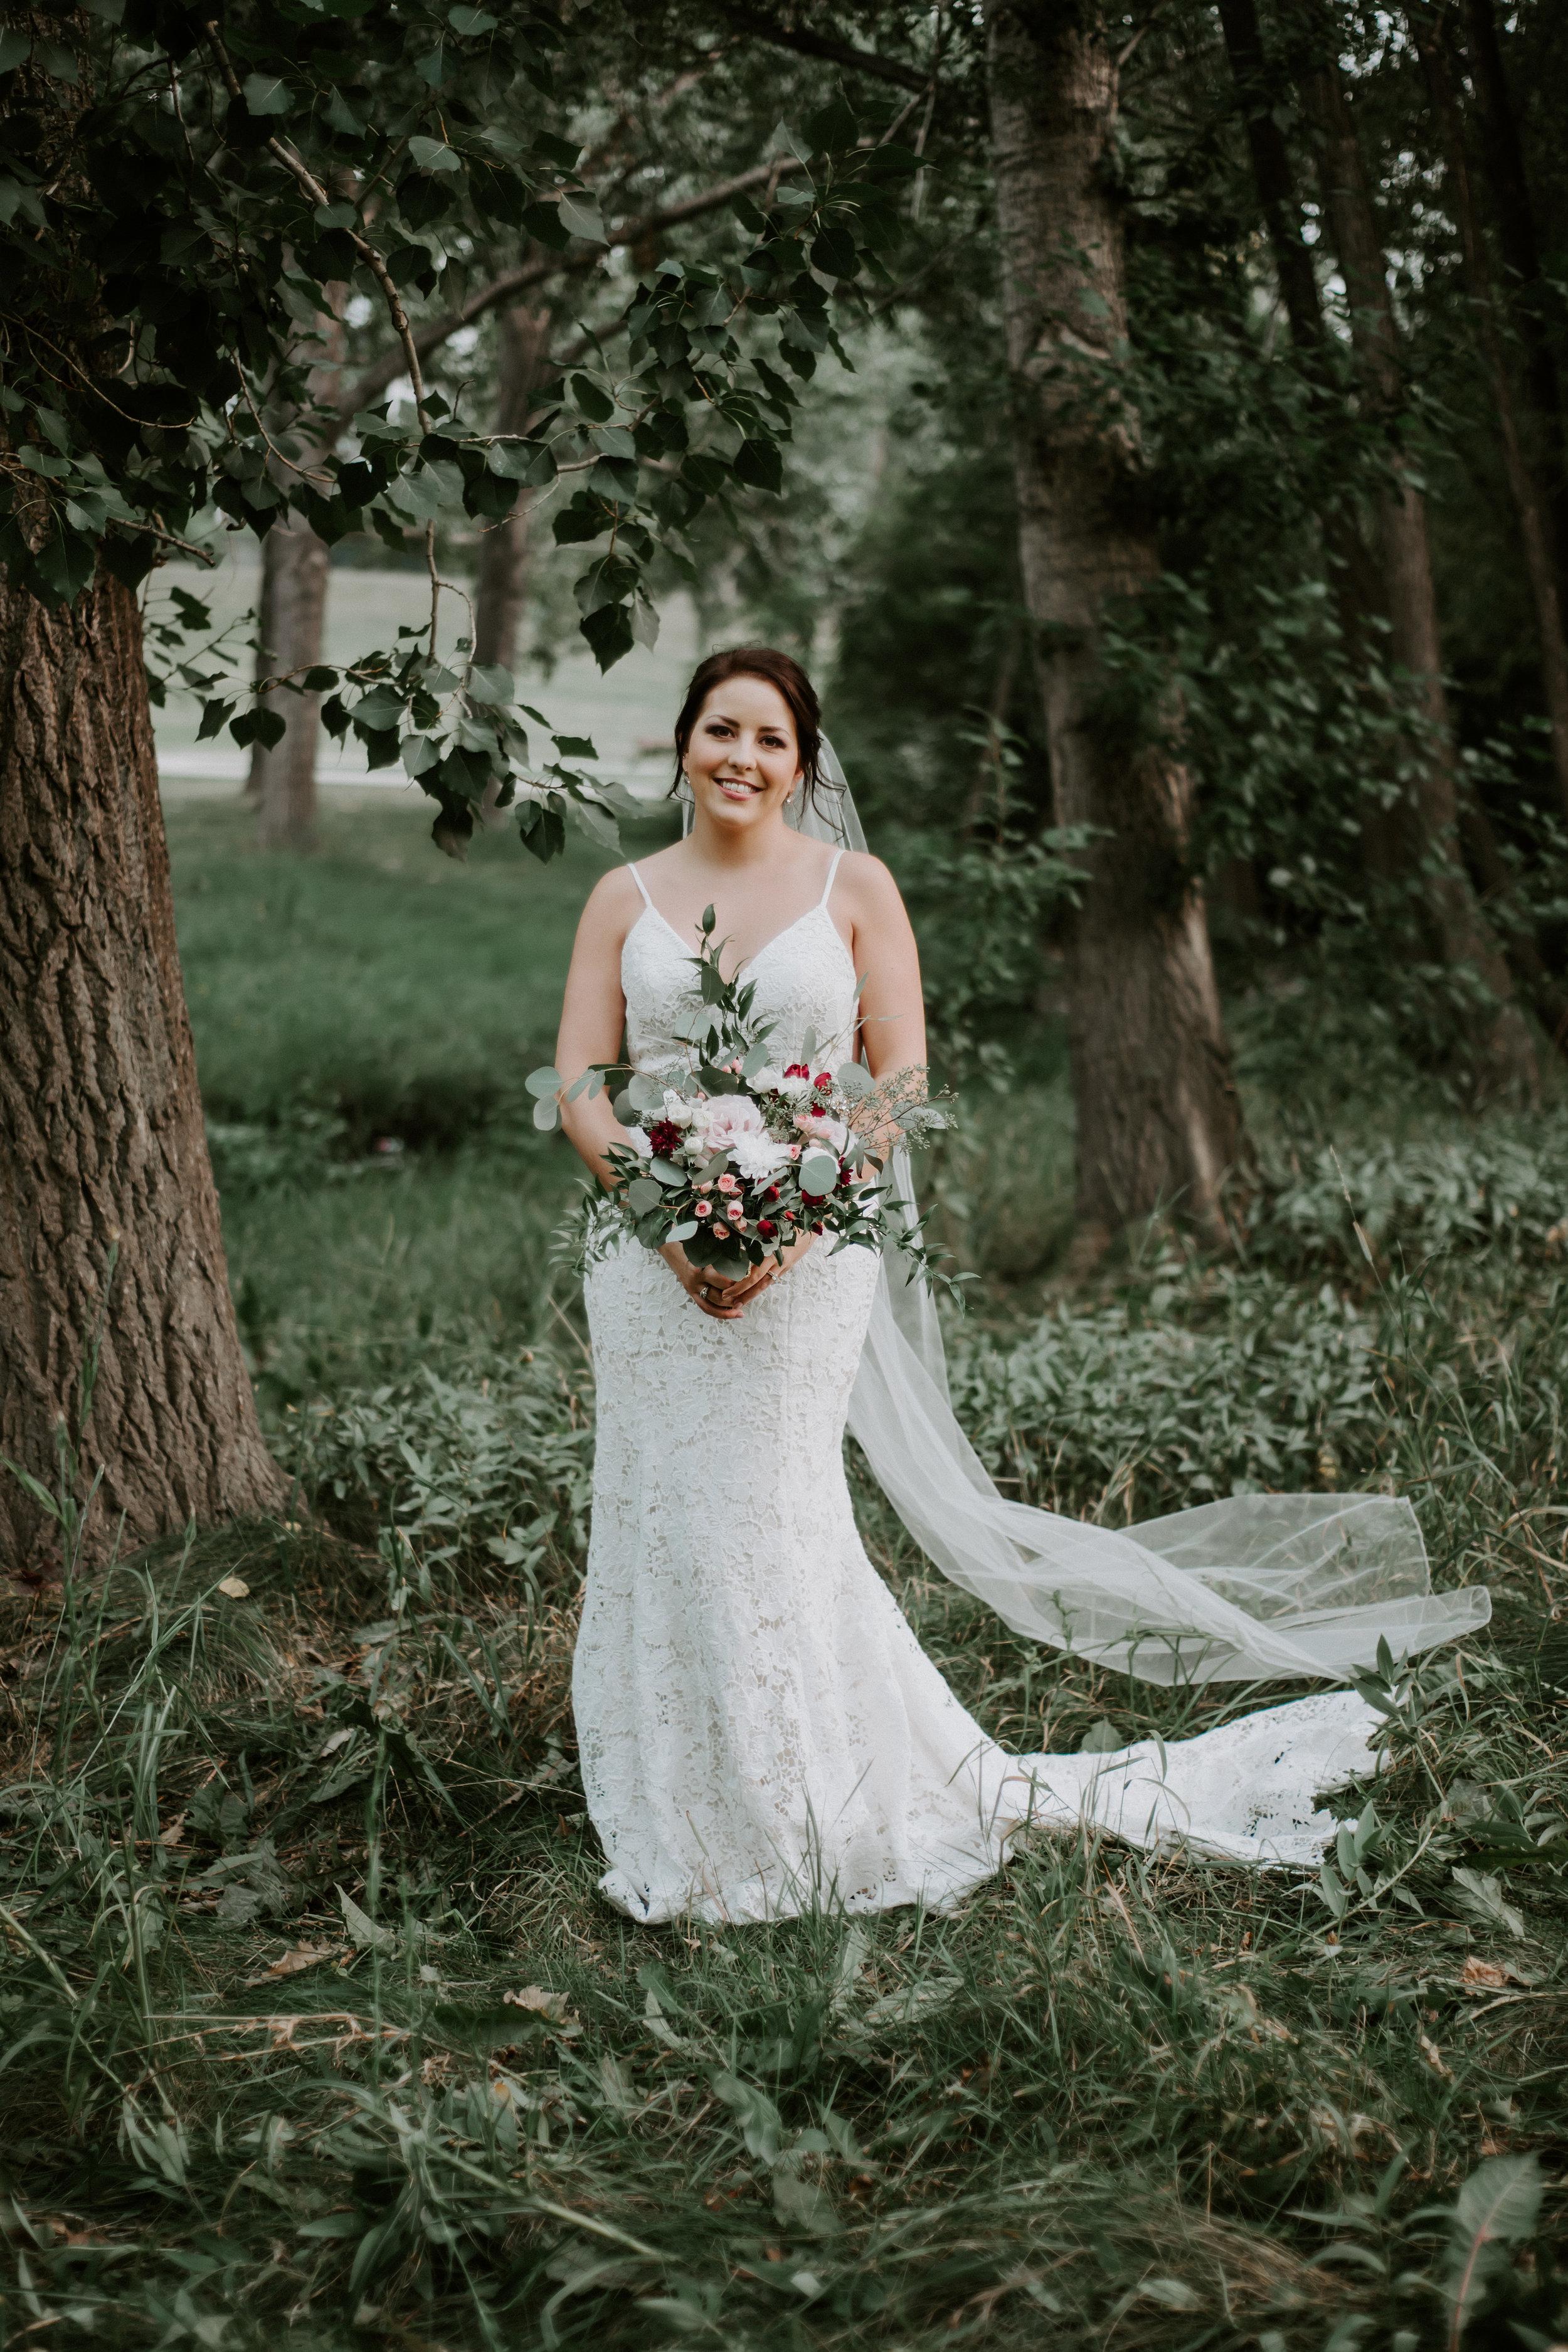 Calgary Wedding Photographer - 55 of 84.jpg